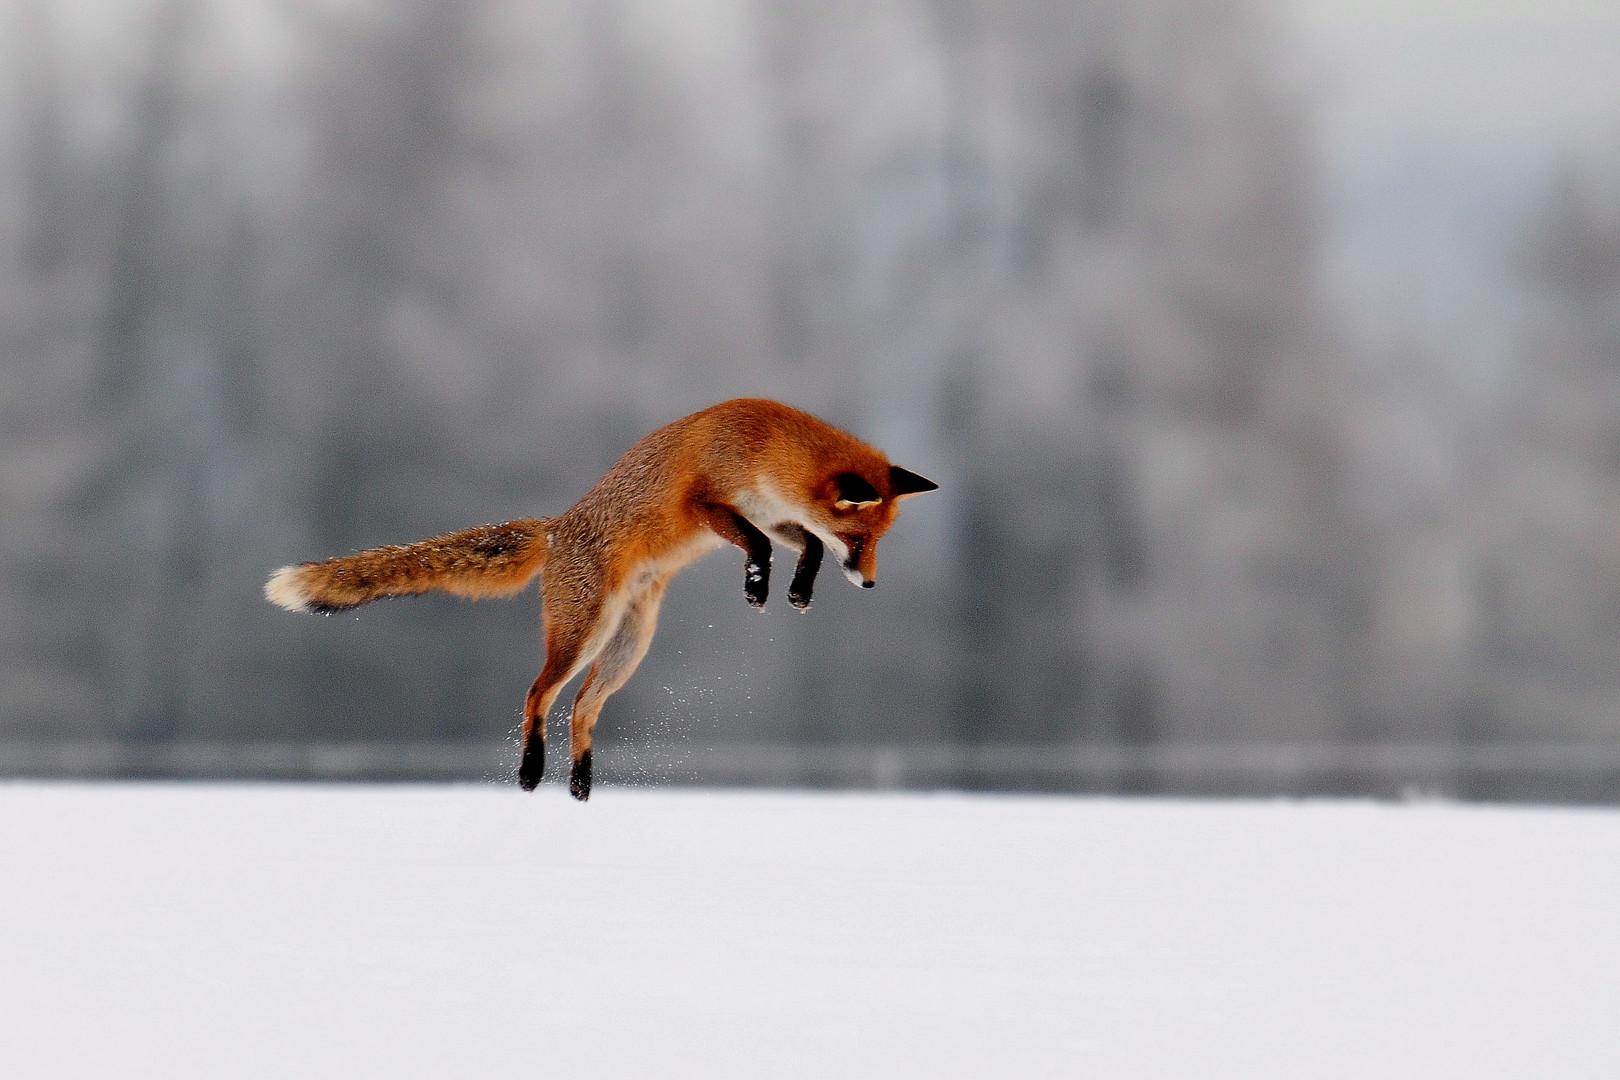 Der Fuchs hat eine Maus im Schnee lokalisiert und springt sie zielsicher an